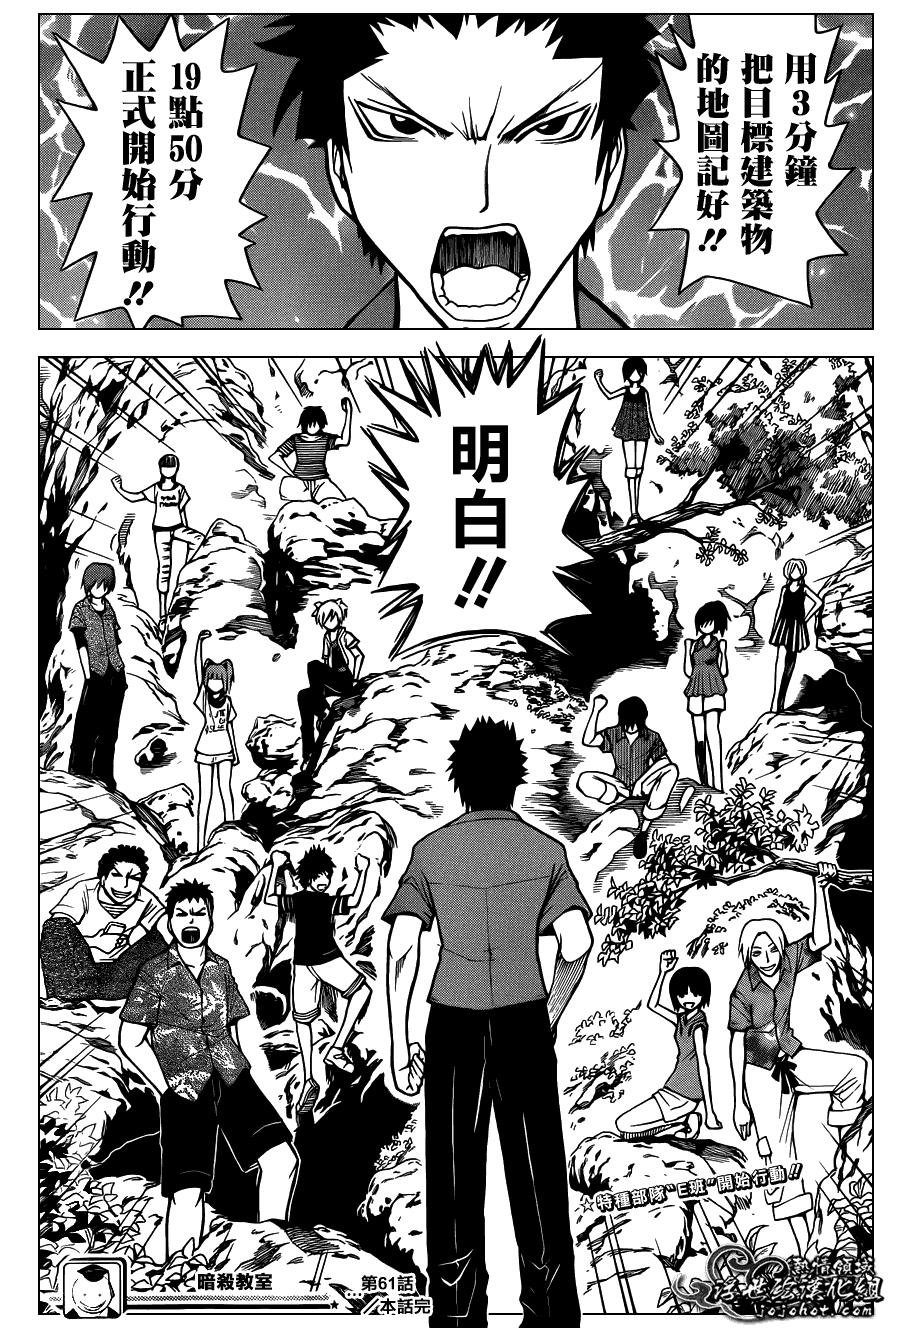 暗殺教室: 61話 - 第19页